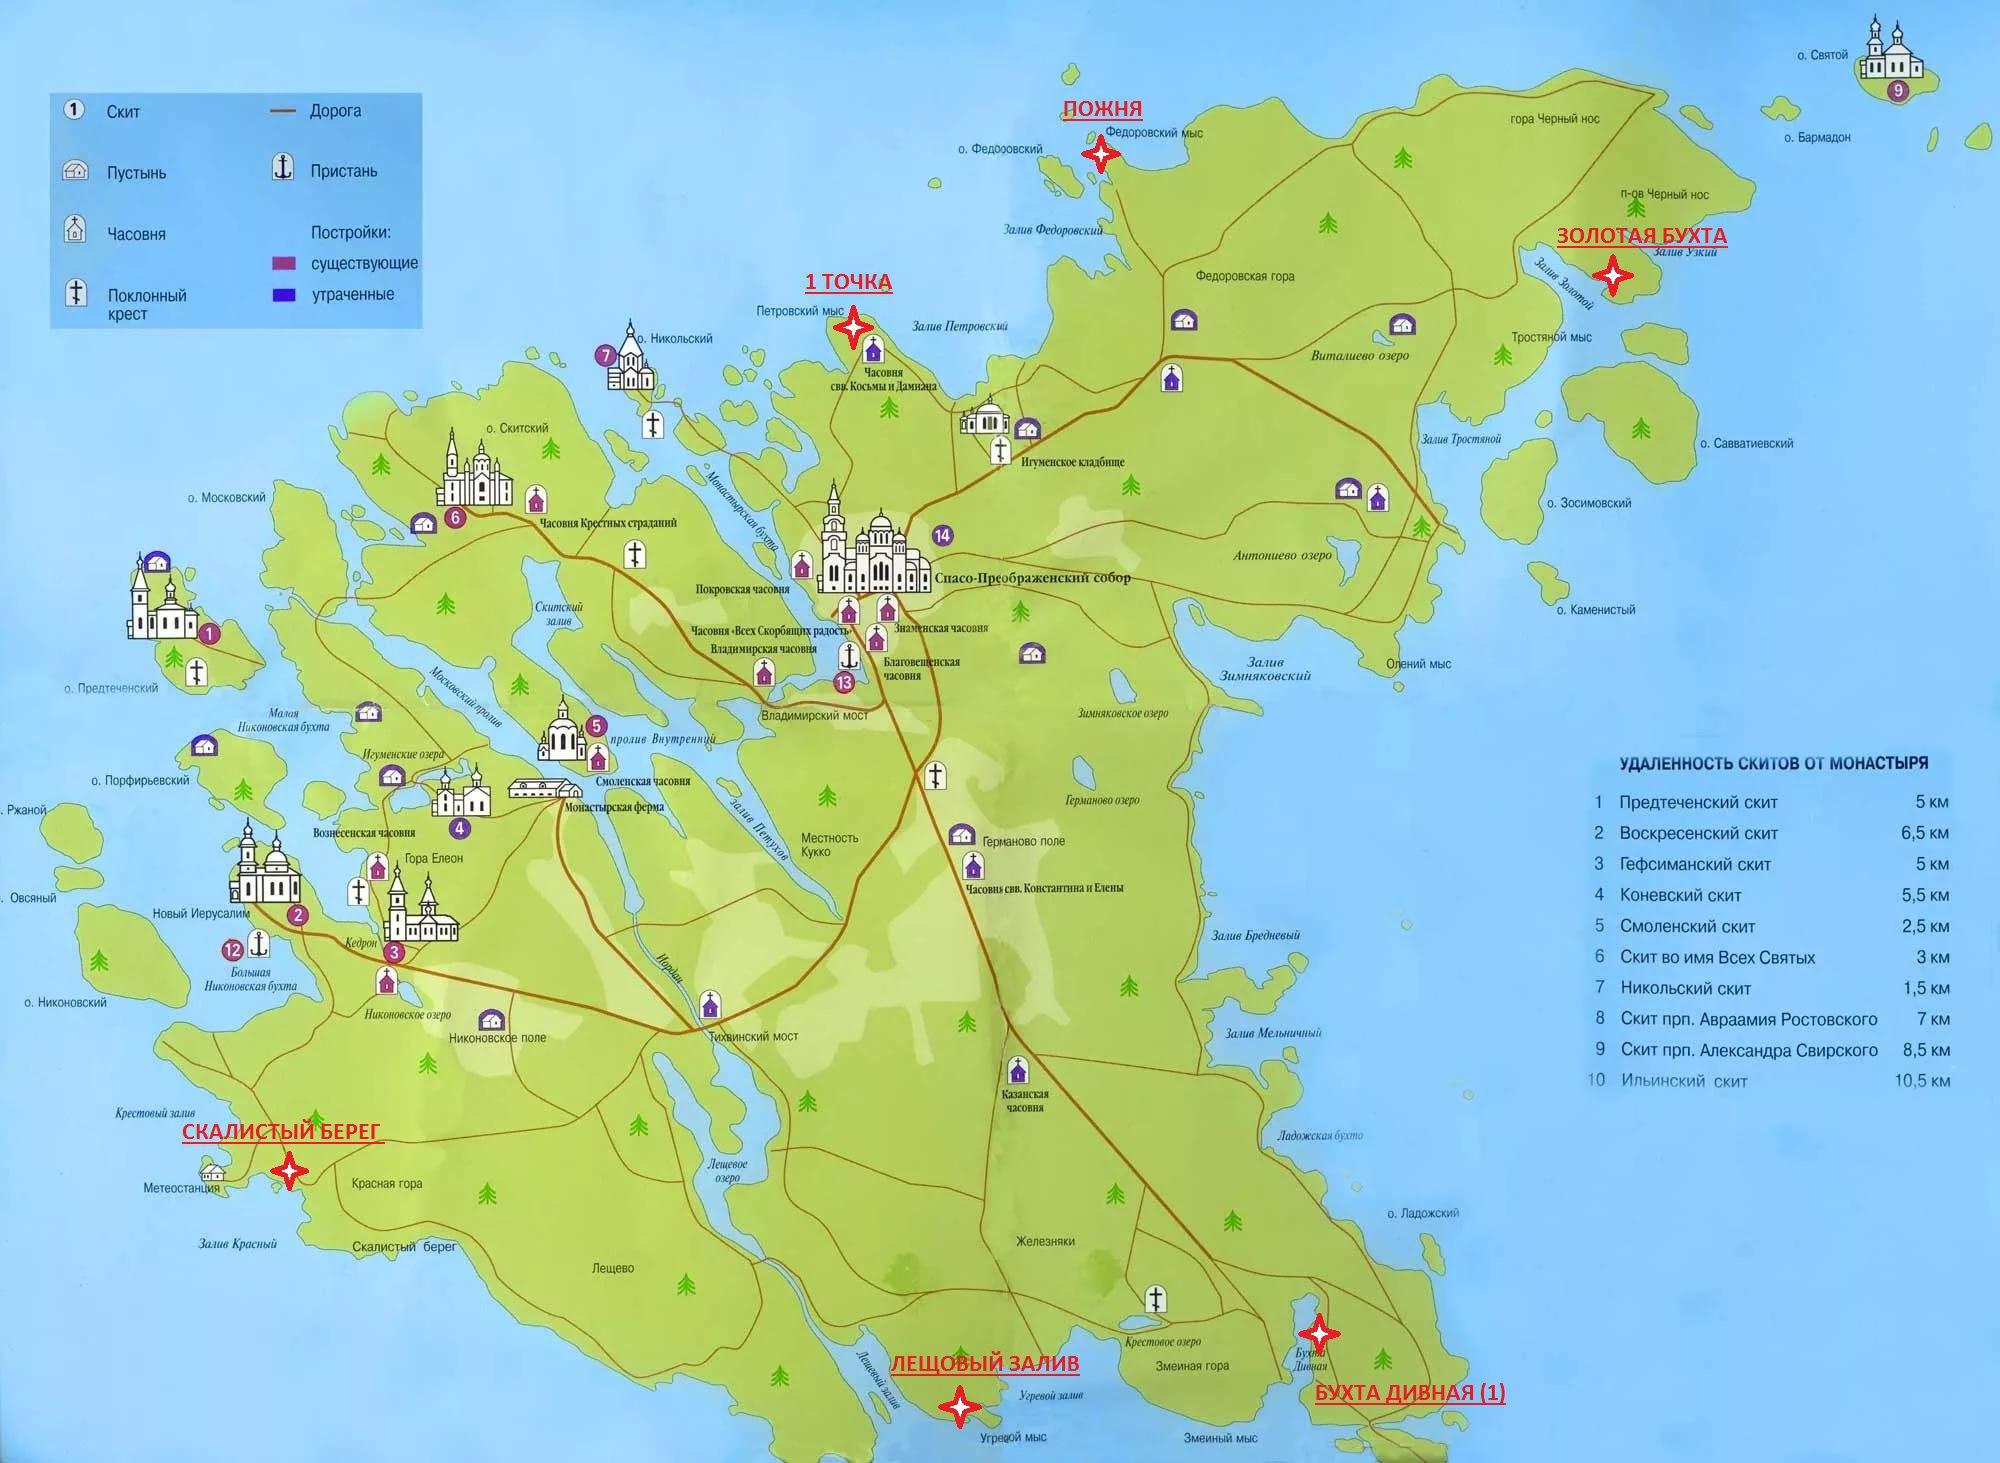 Палаточные стоянки отмечены на карте красным. Фото: группа во «Вконтакте» «Палаточные стоянки на островеВалаам»